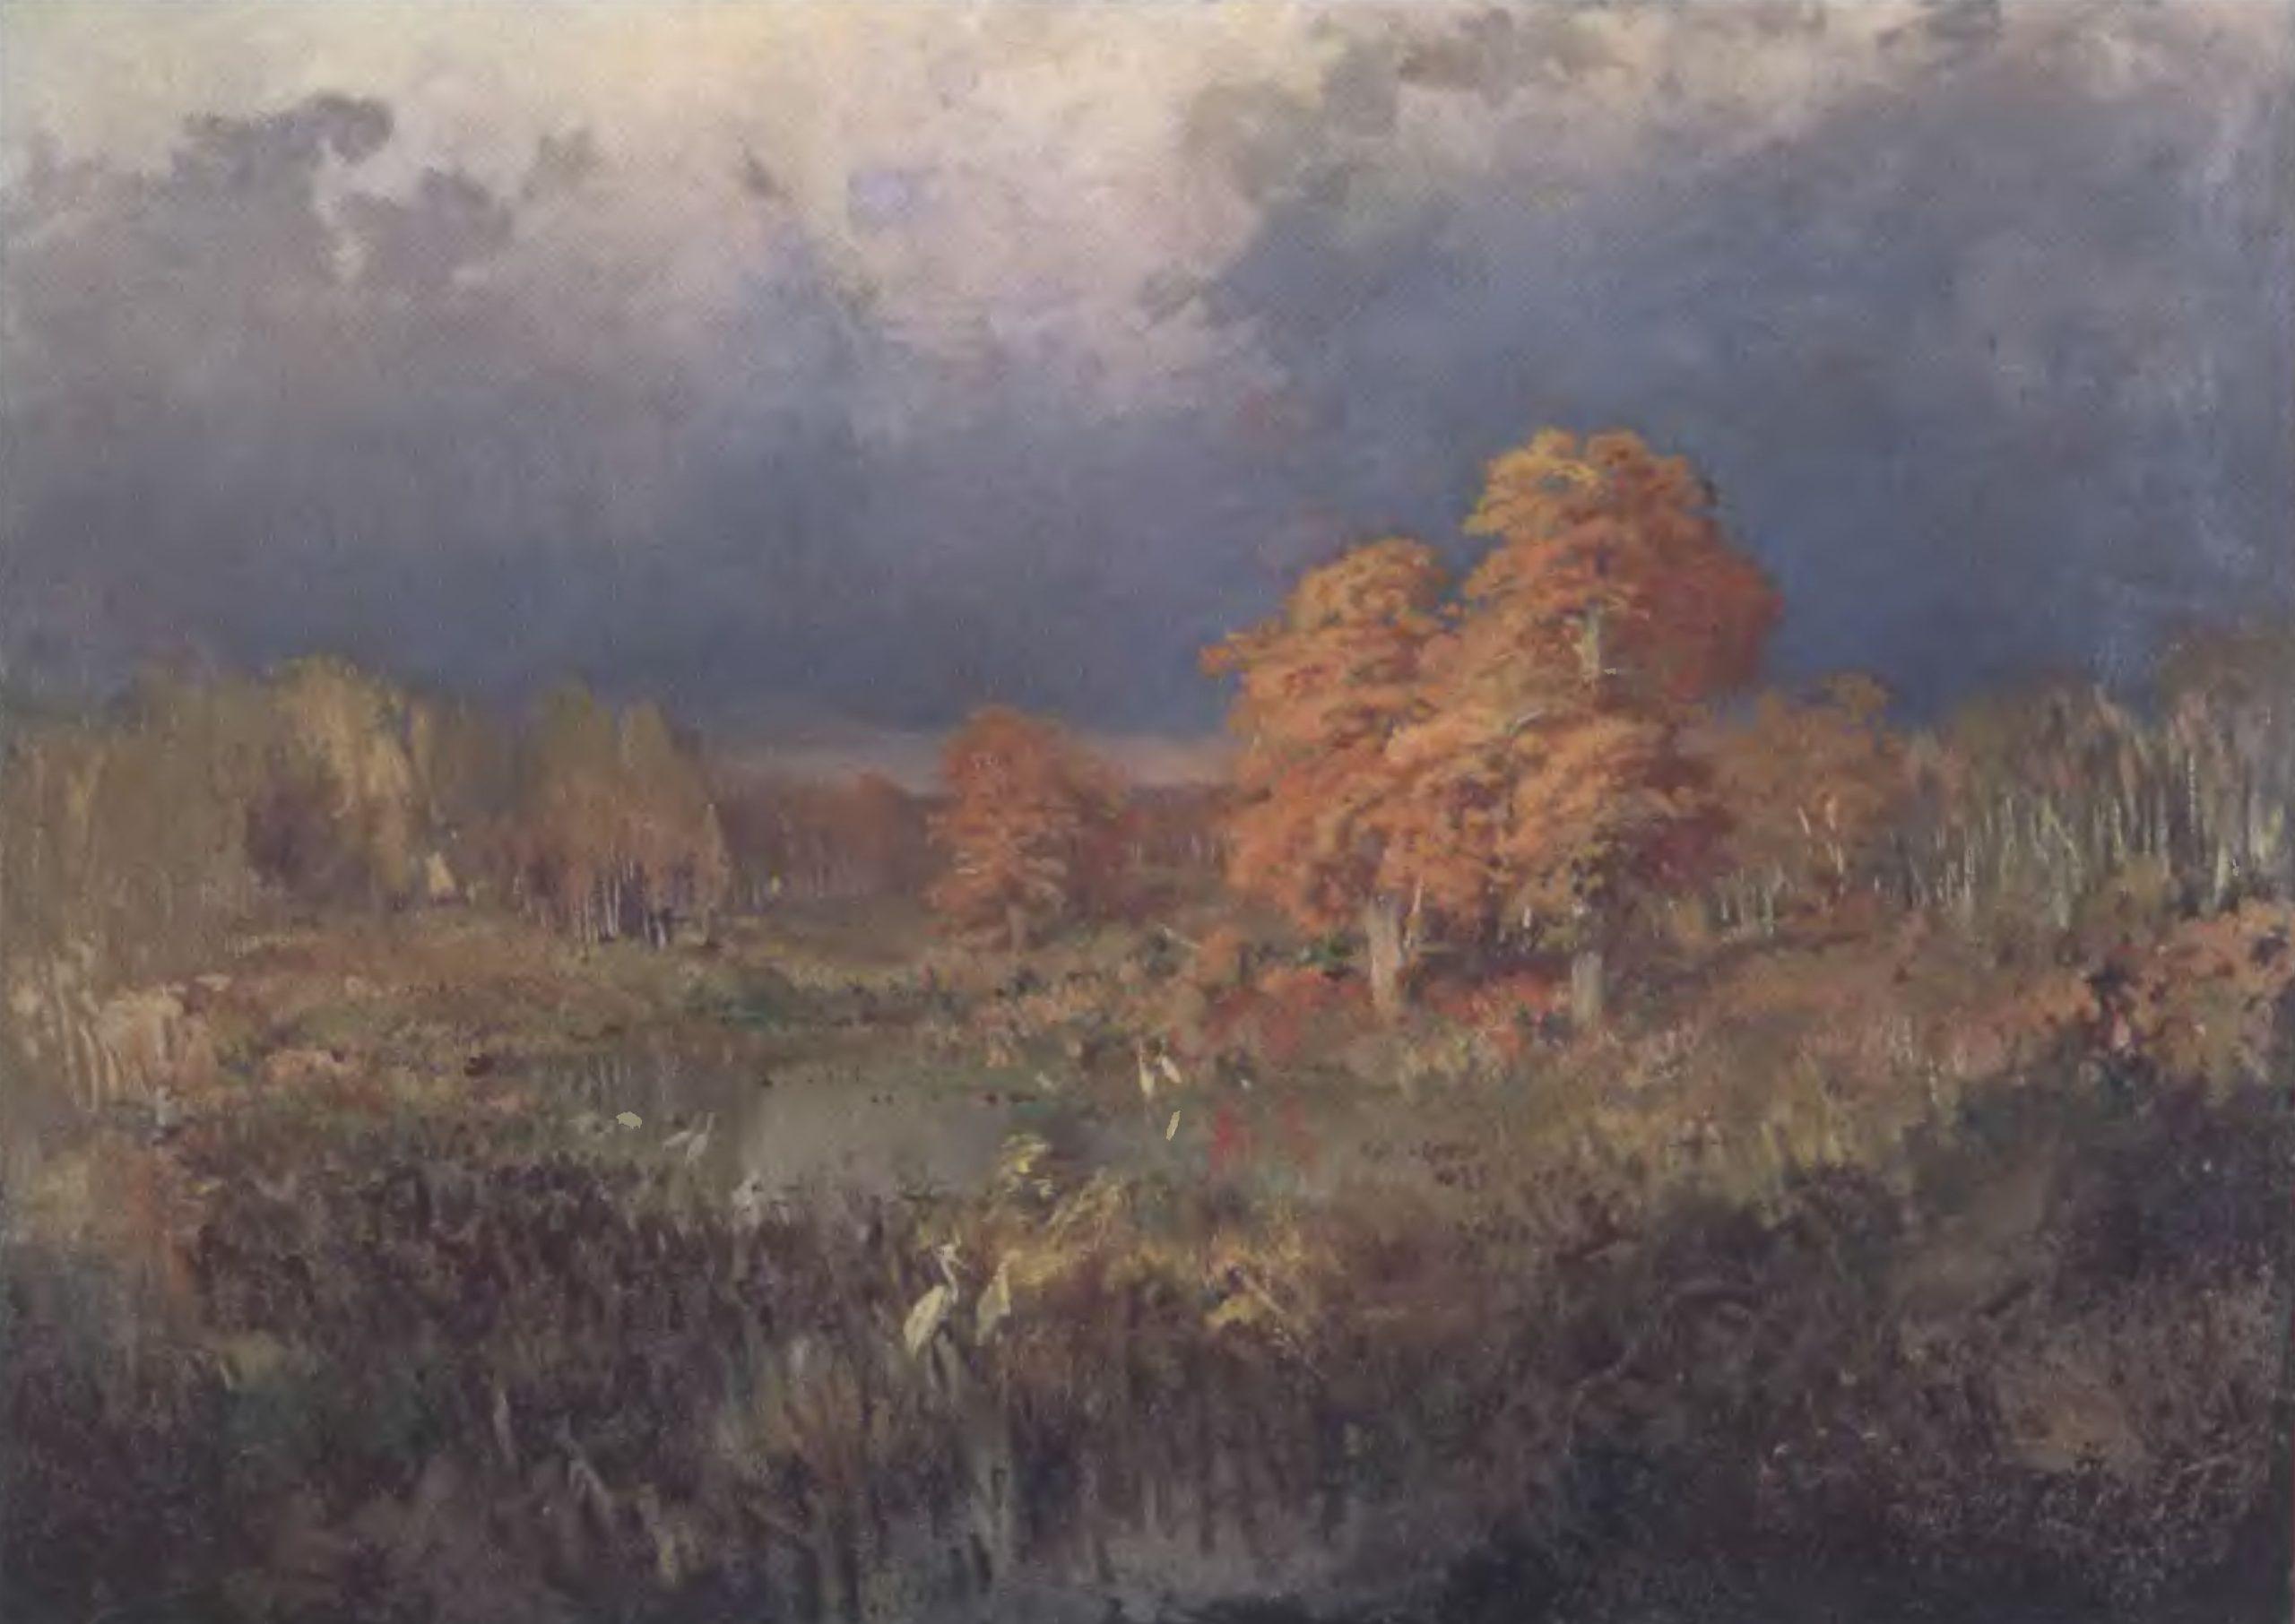 ФЕДОР ВАСИЛЬЕВ. Болото в лесу. Осень. 1872. Холст, масло. 81 х 111,5 см. Государственный Русский музей